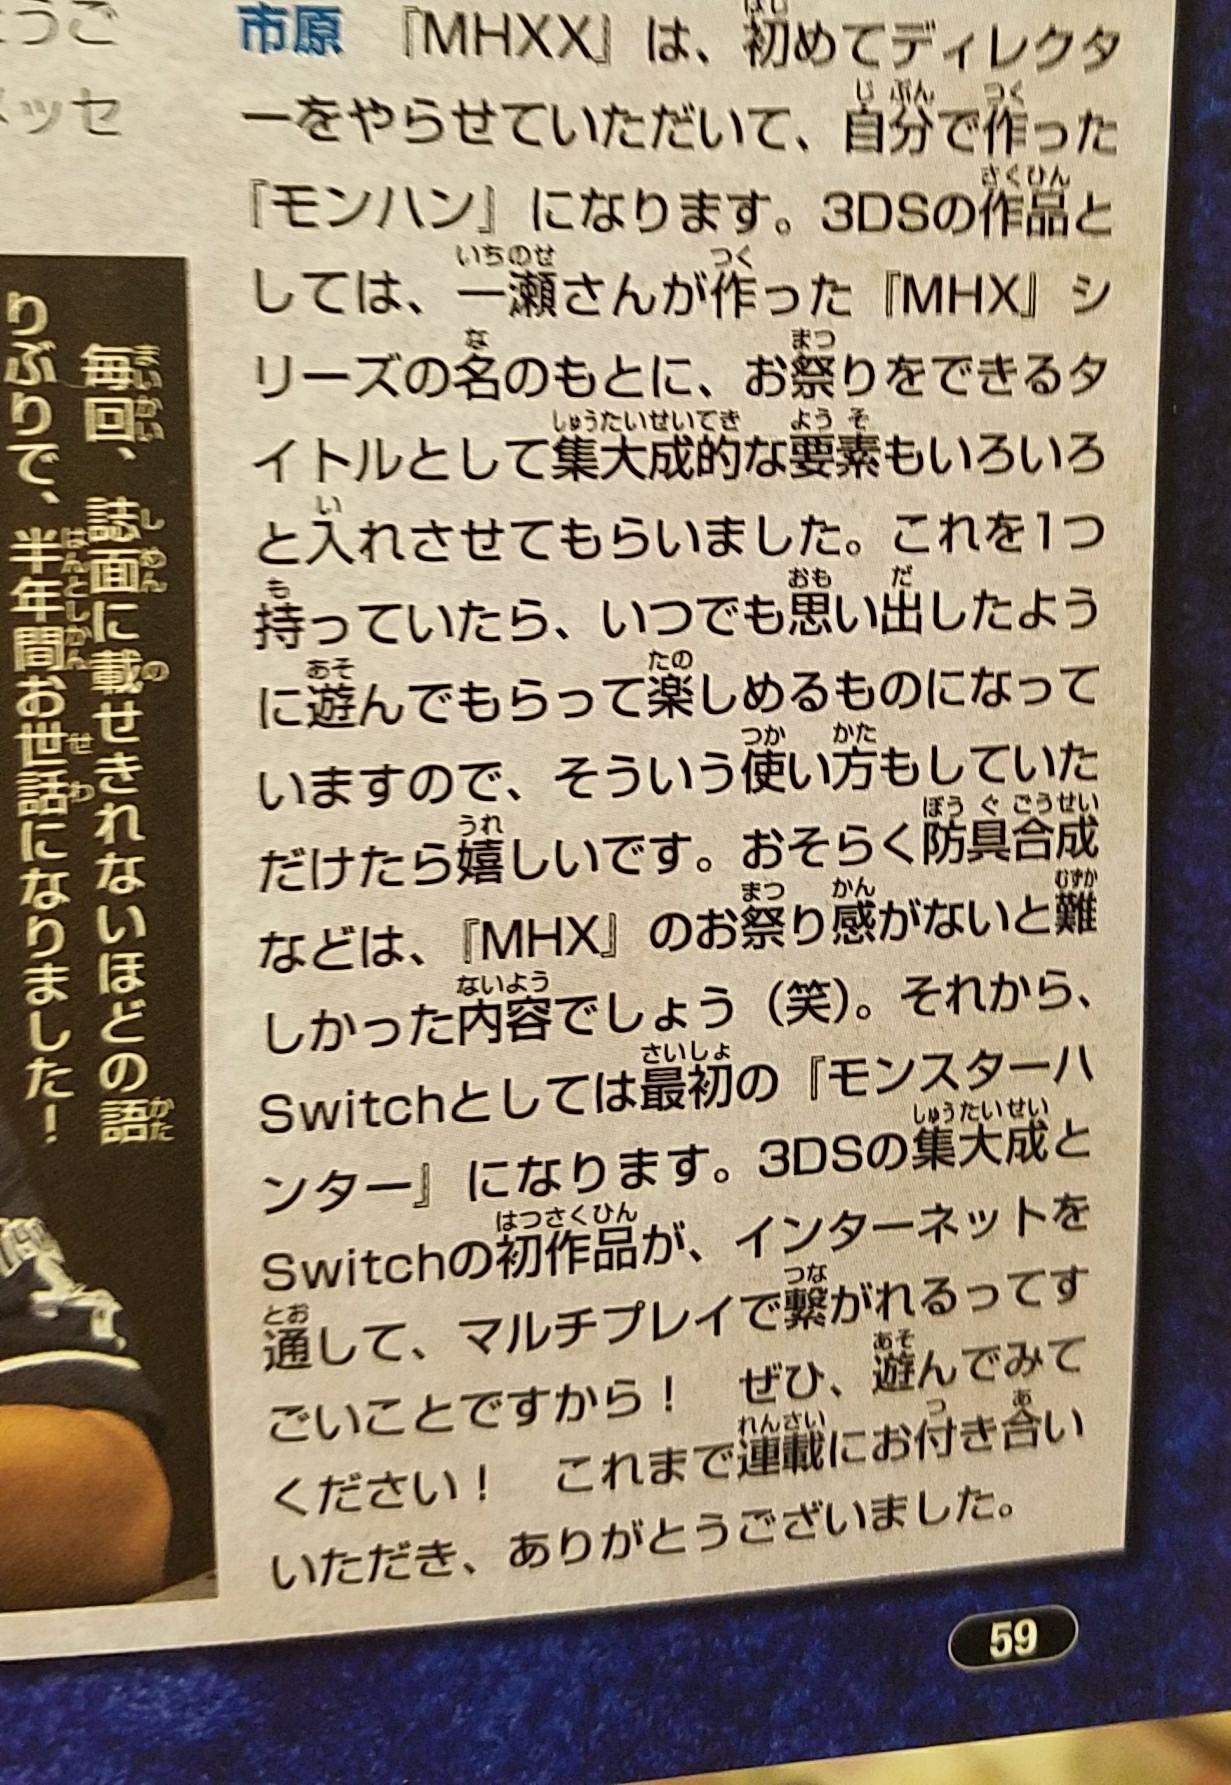 GPfivjpCNRf7e - カプコン「Switchとしては最初の『モンスターハンター』」「Switchの初作品」